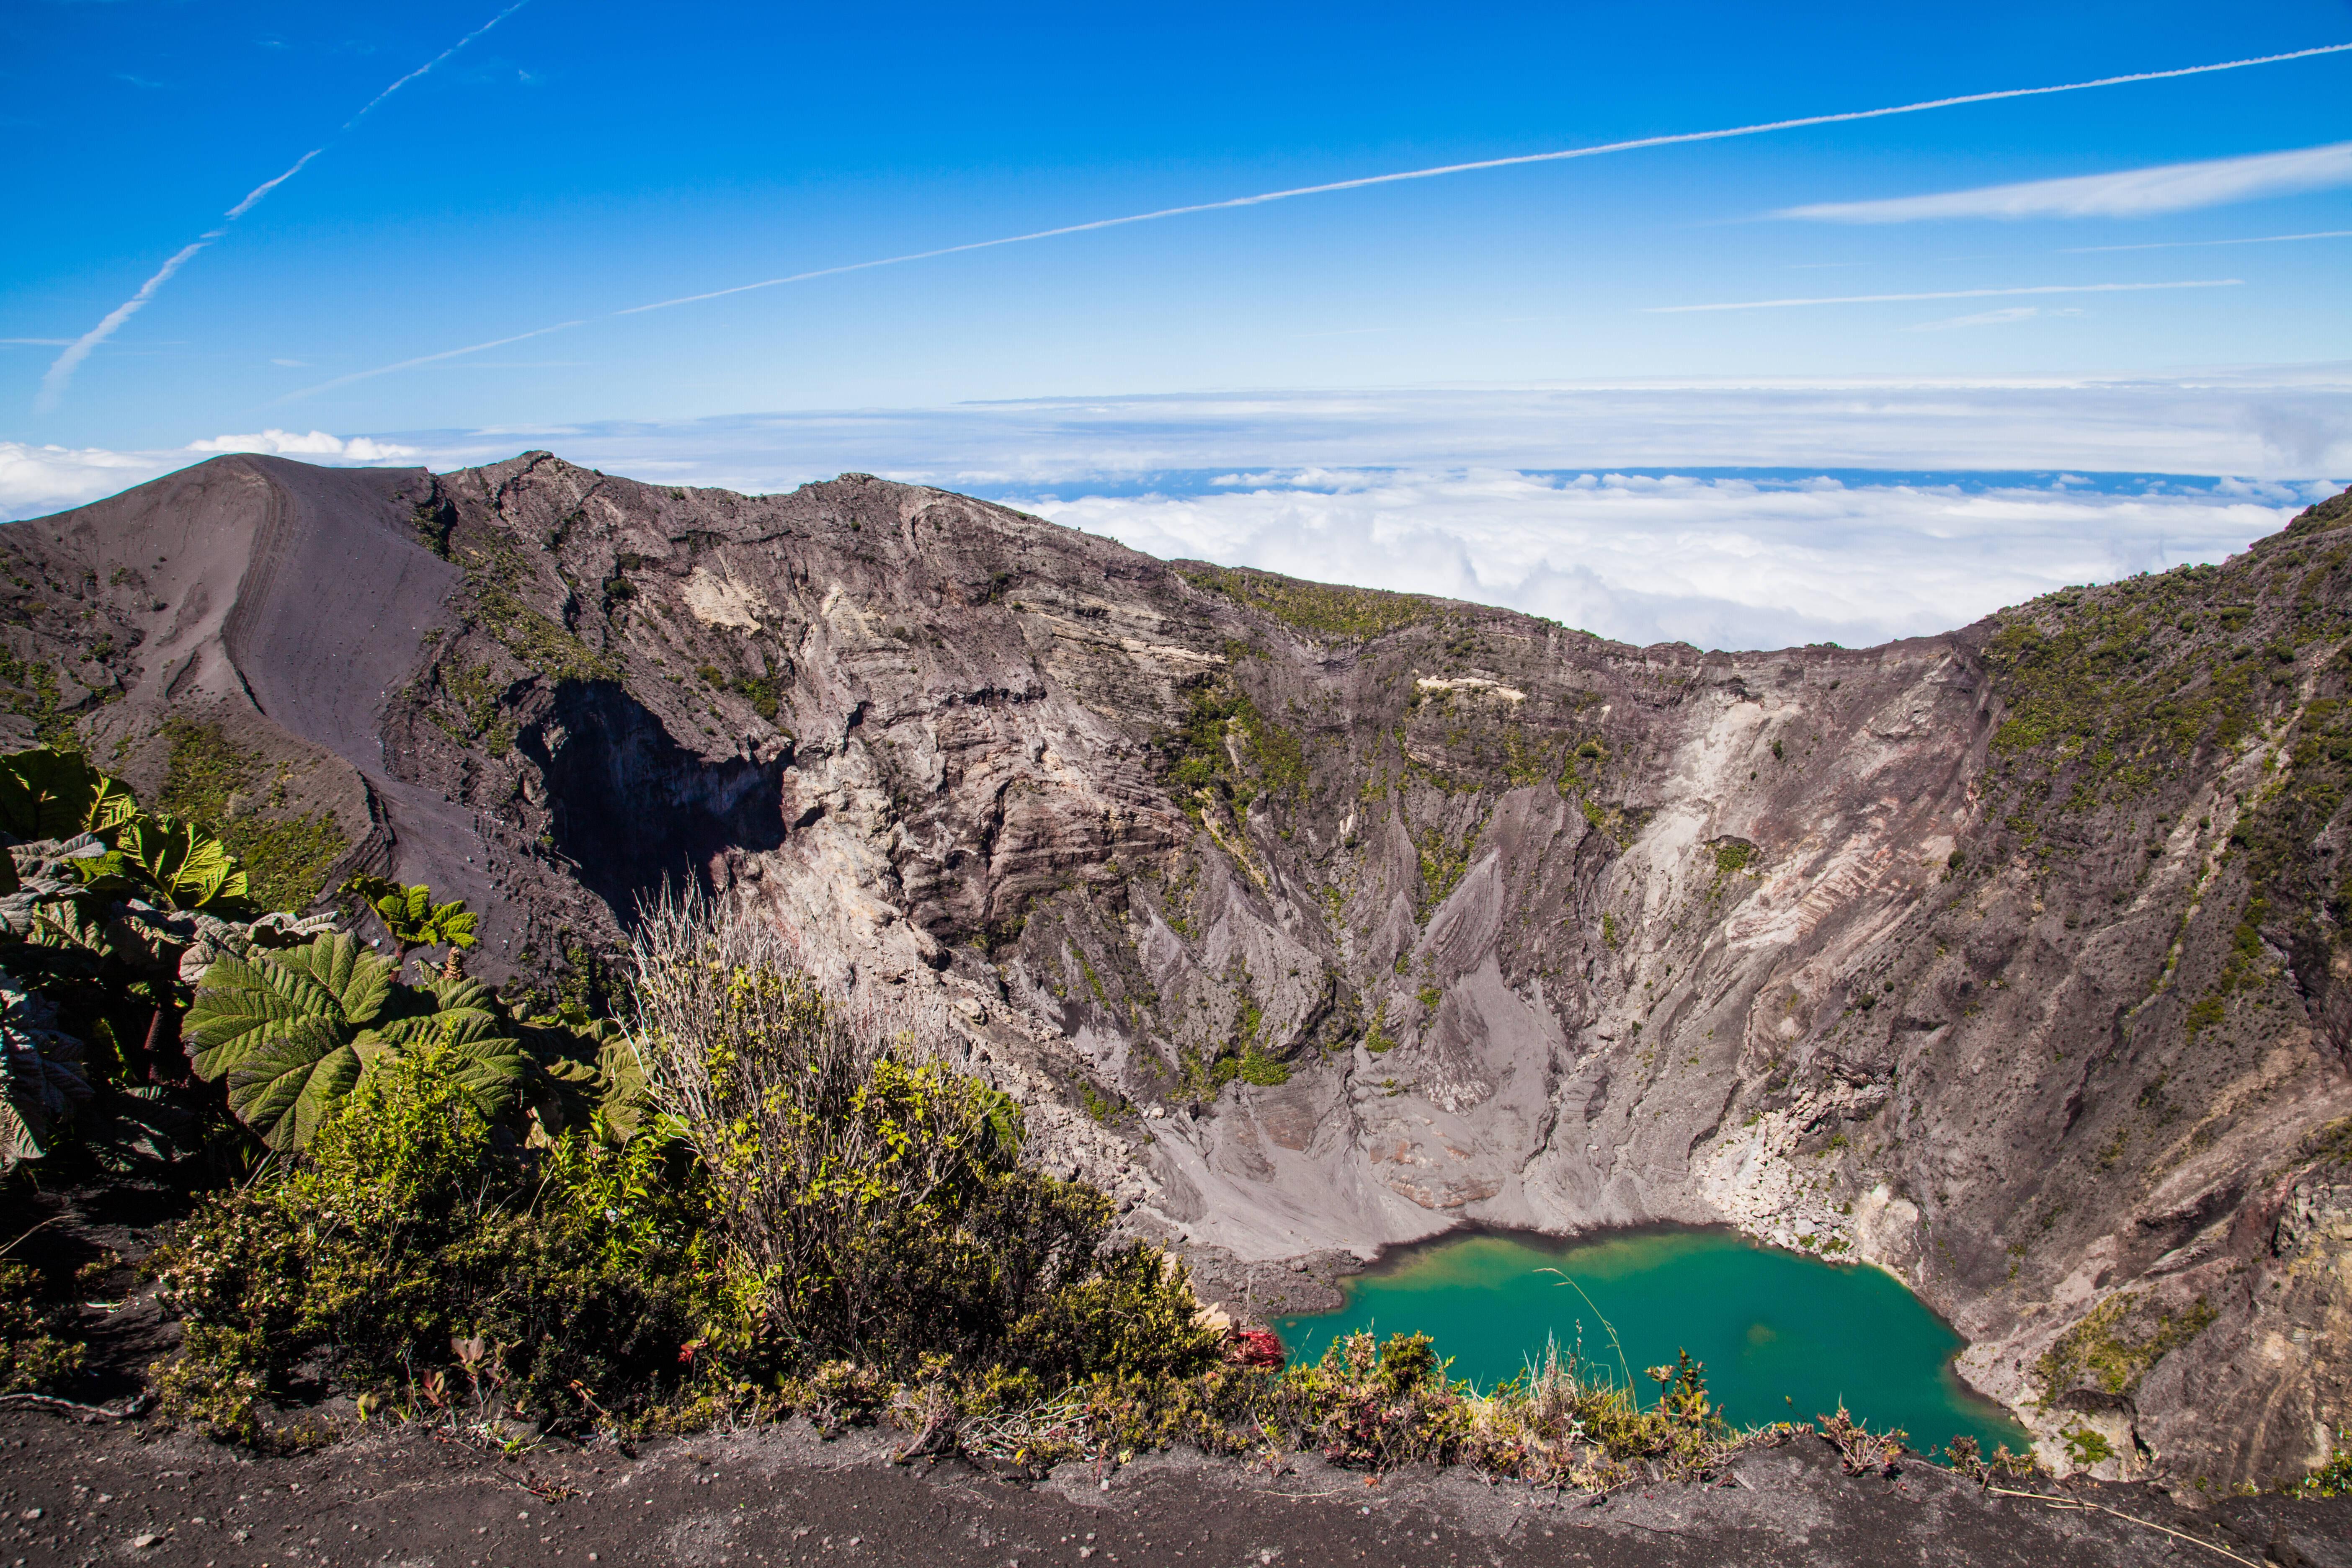 O vulcão Irazú é colossal: com 3,342 metros, ele é o mais alto de todos os vulcões da Costa Rica. Foto: shutterstock